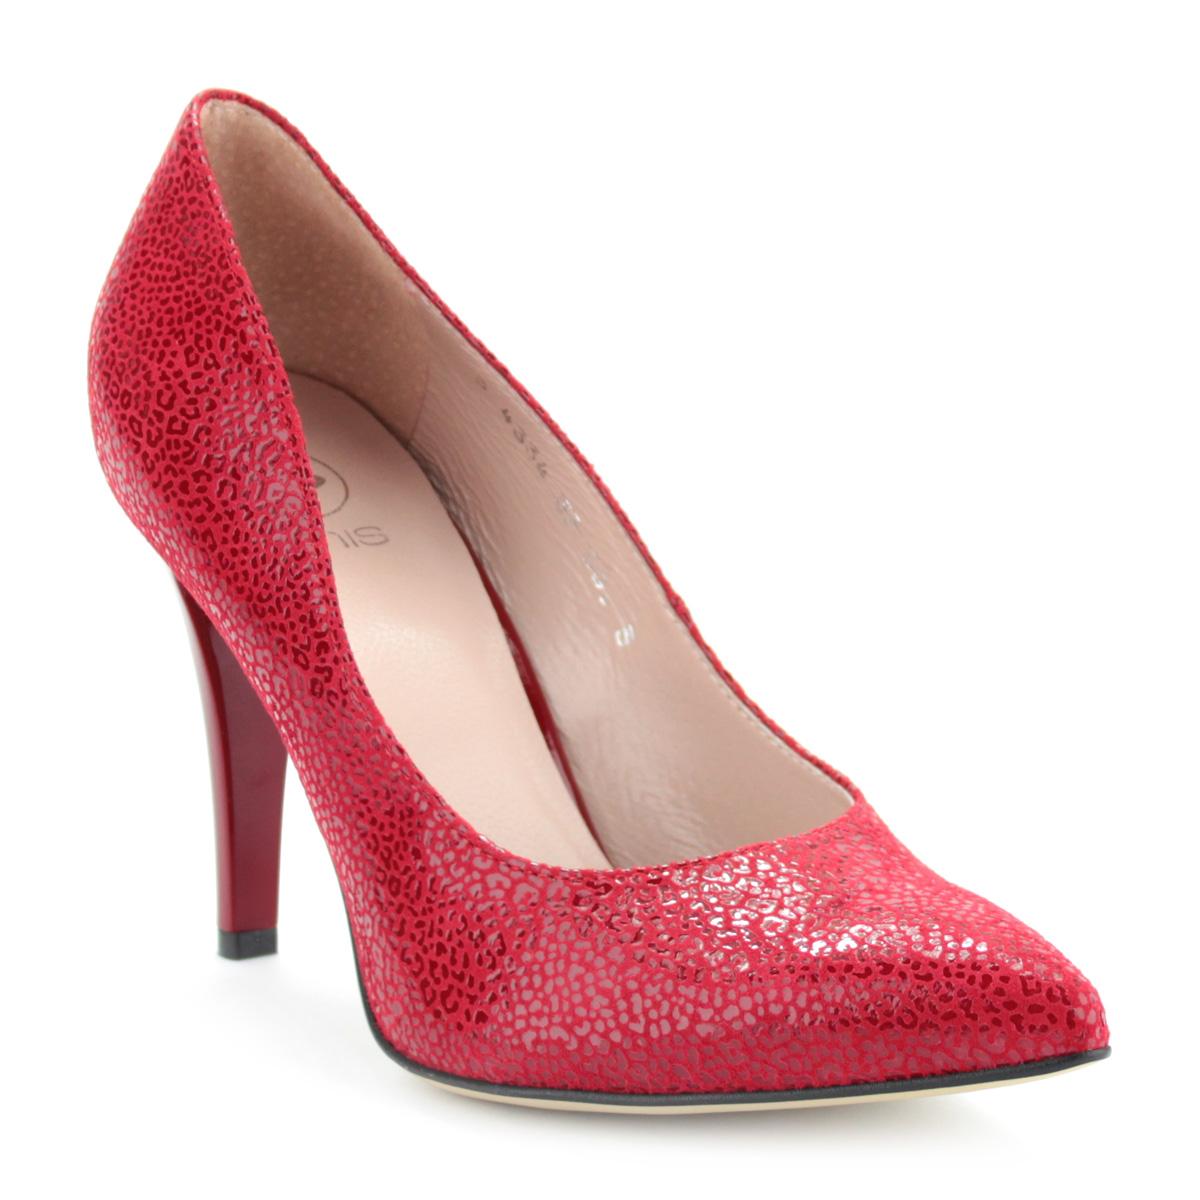 ... Anis alkalmi cipő piros színben 9 cm magas sarokkal 59229cfd8b